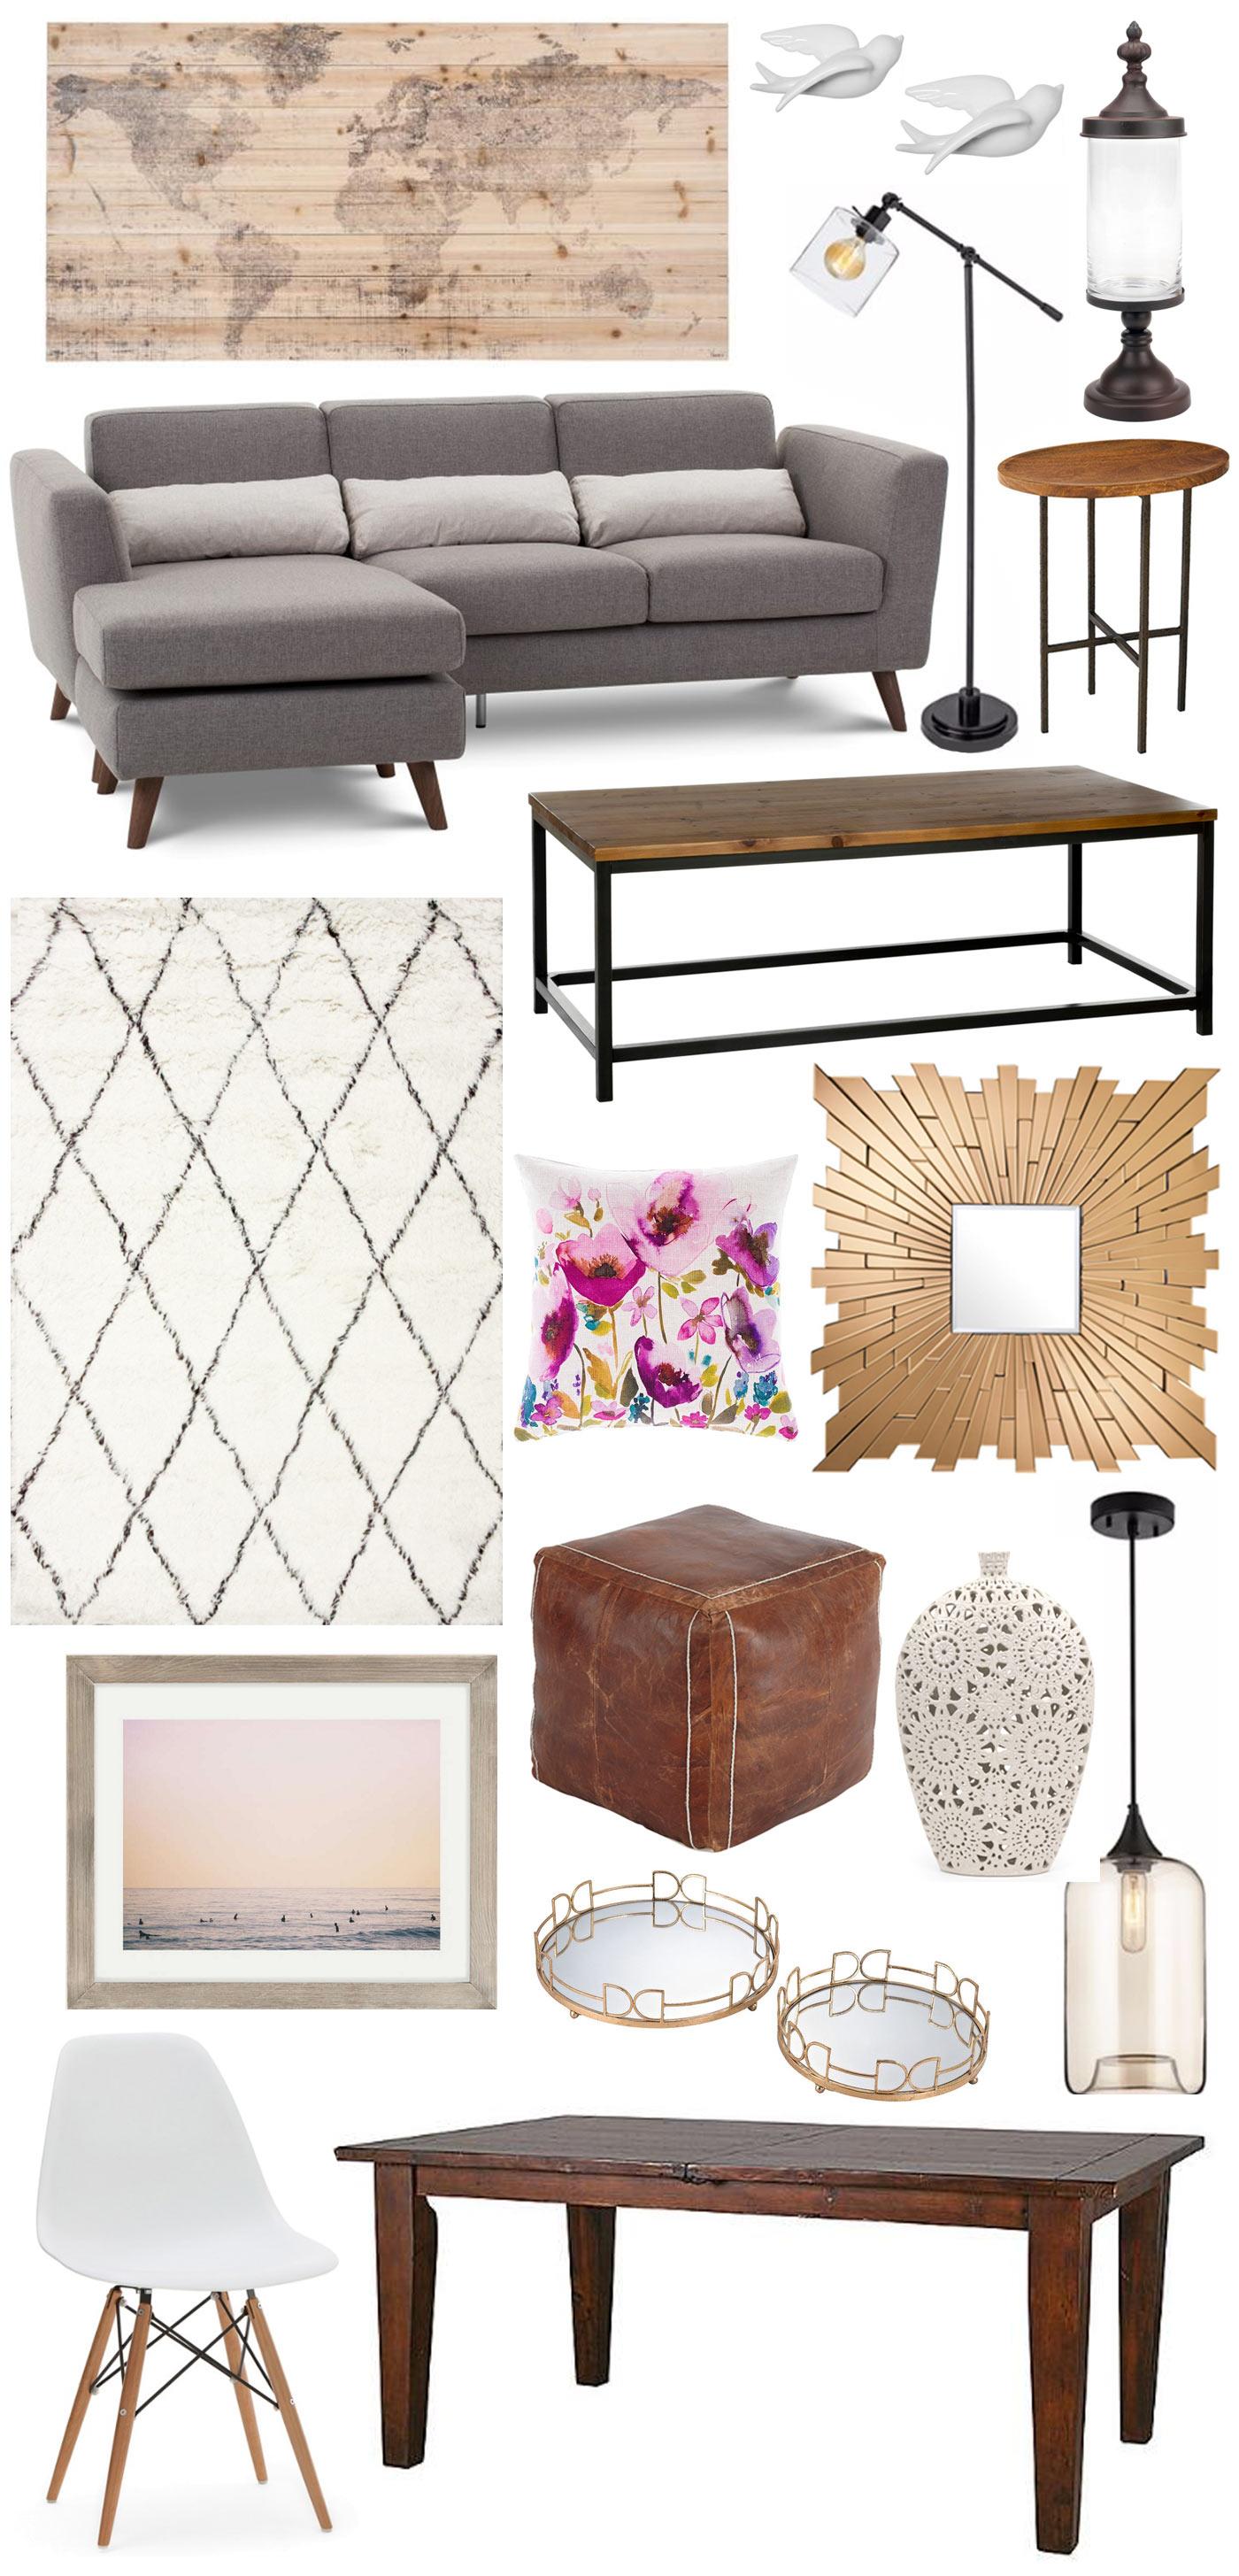 Dream-Loft-Furniture